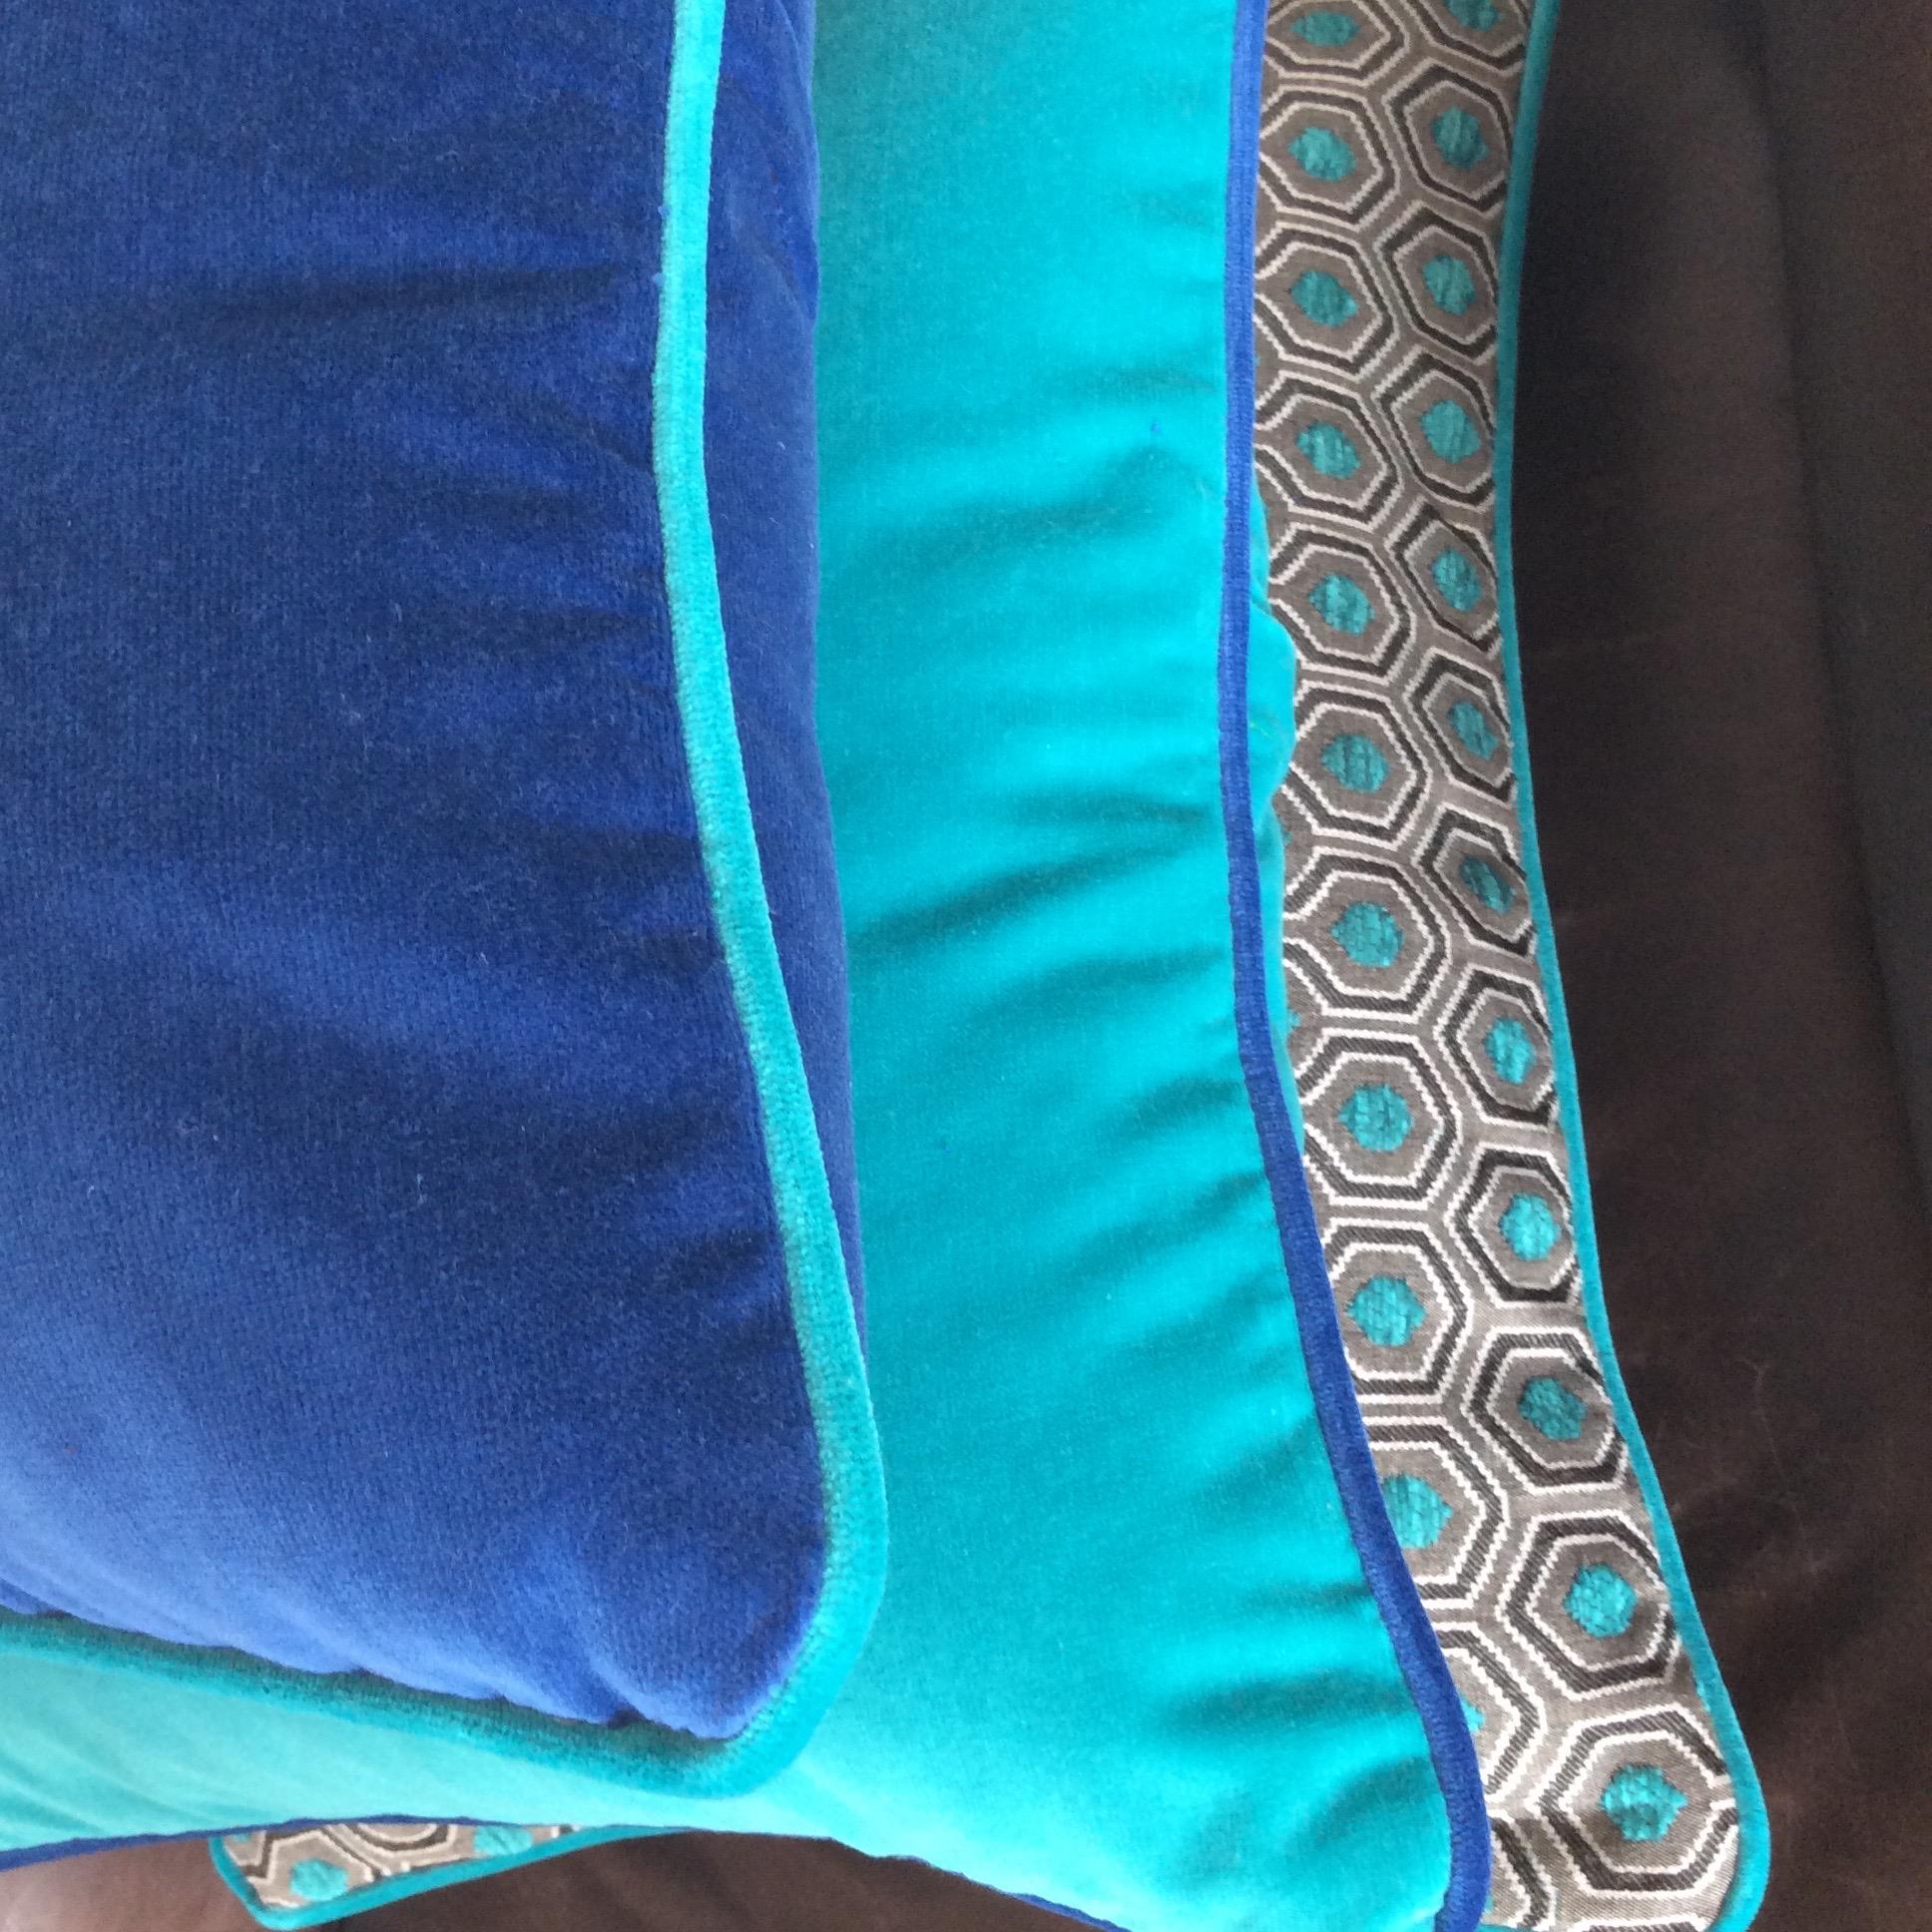 Coussins d co bleus la tendance - Beaux coussins design ...